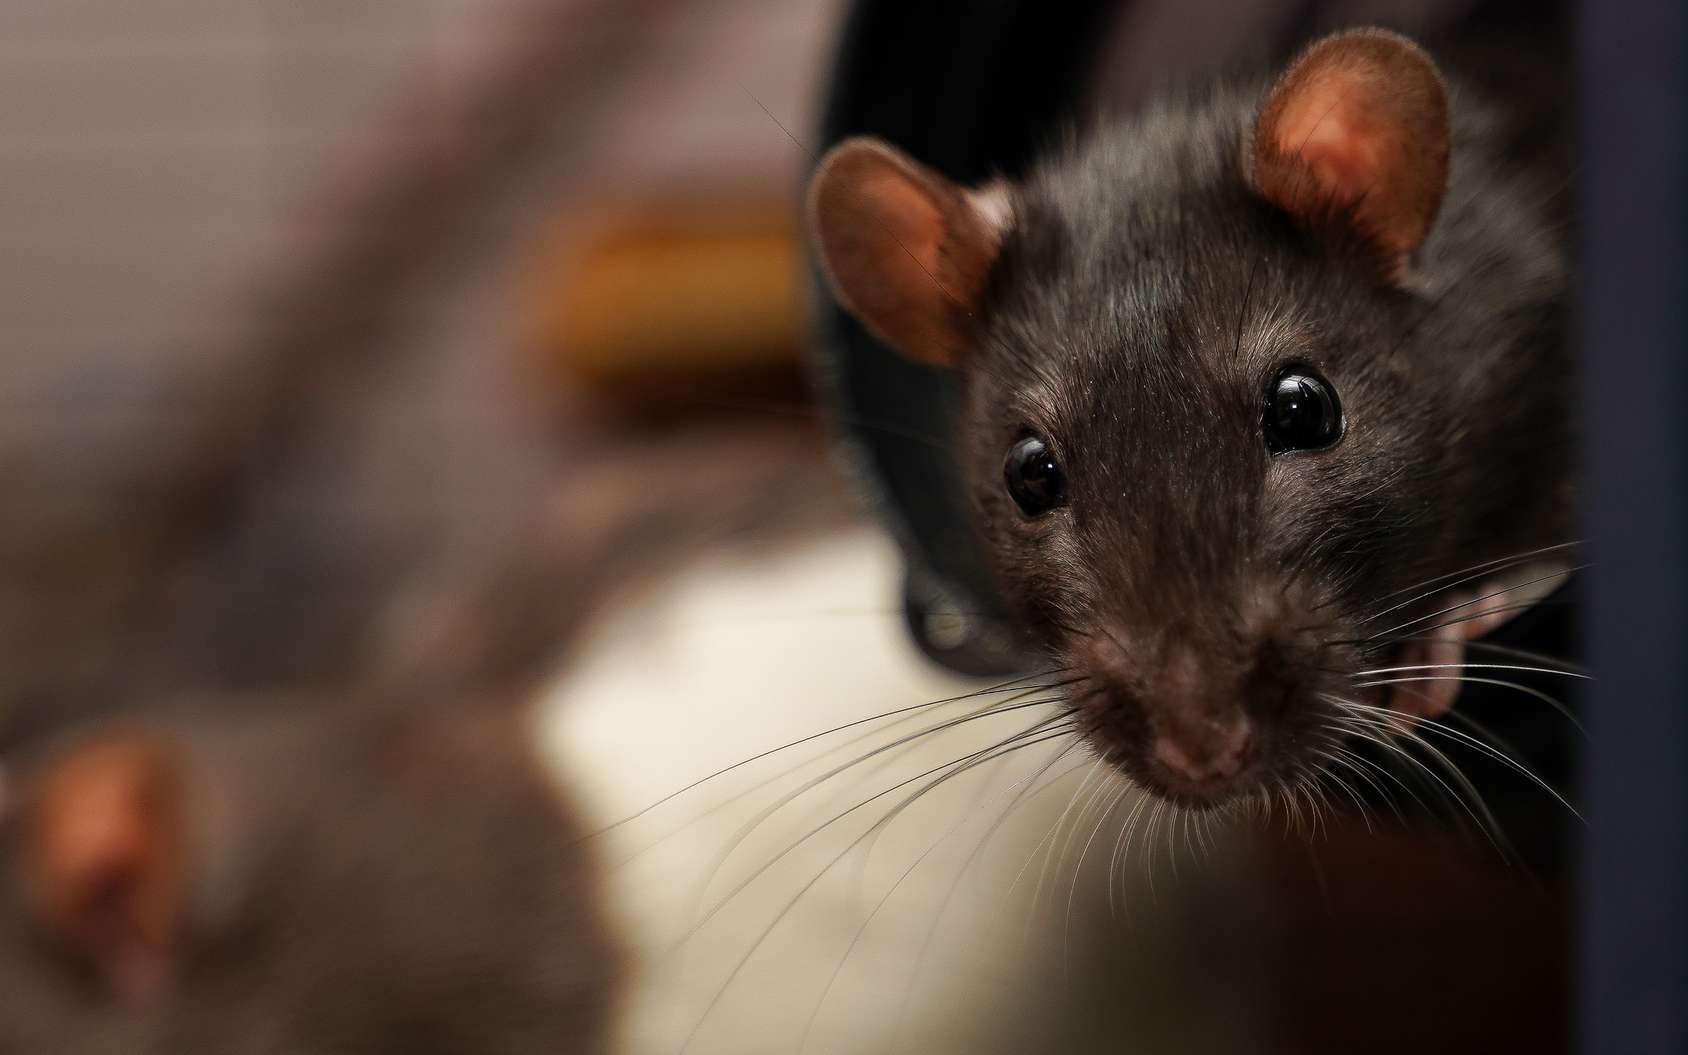 Les rats sont joueurs et aiment les câlins. © Jimmy, Fotolia